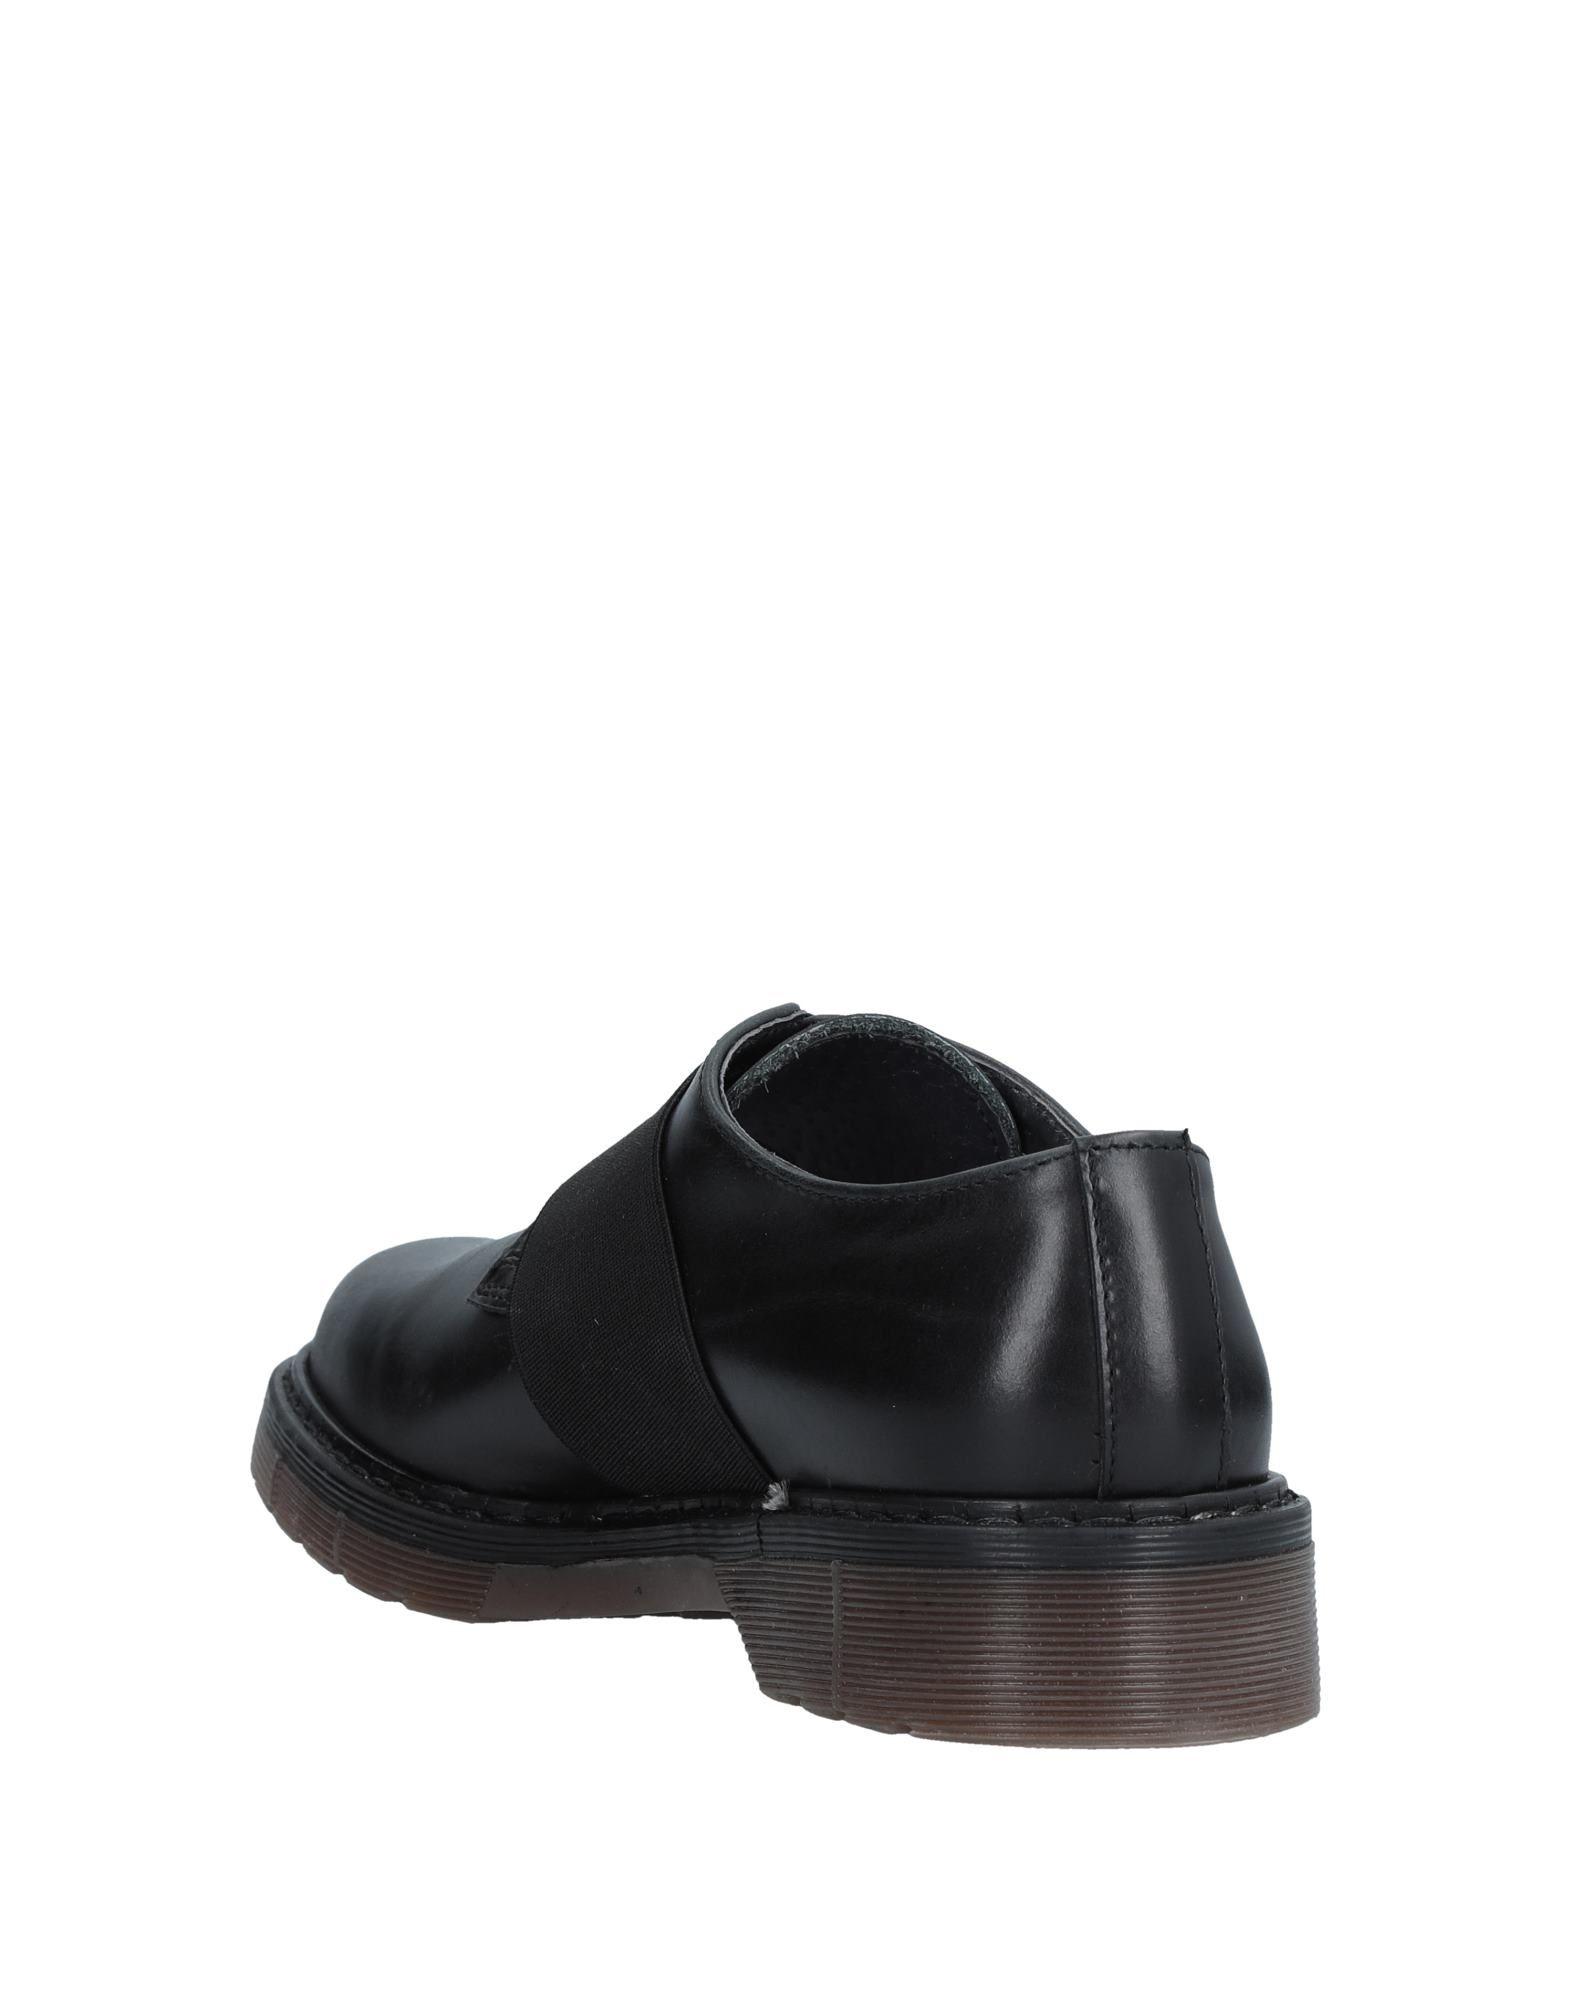 Tsd12 Mokassins Damen  11537387KE Gute Qualität beliebte Schuhe